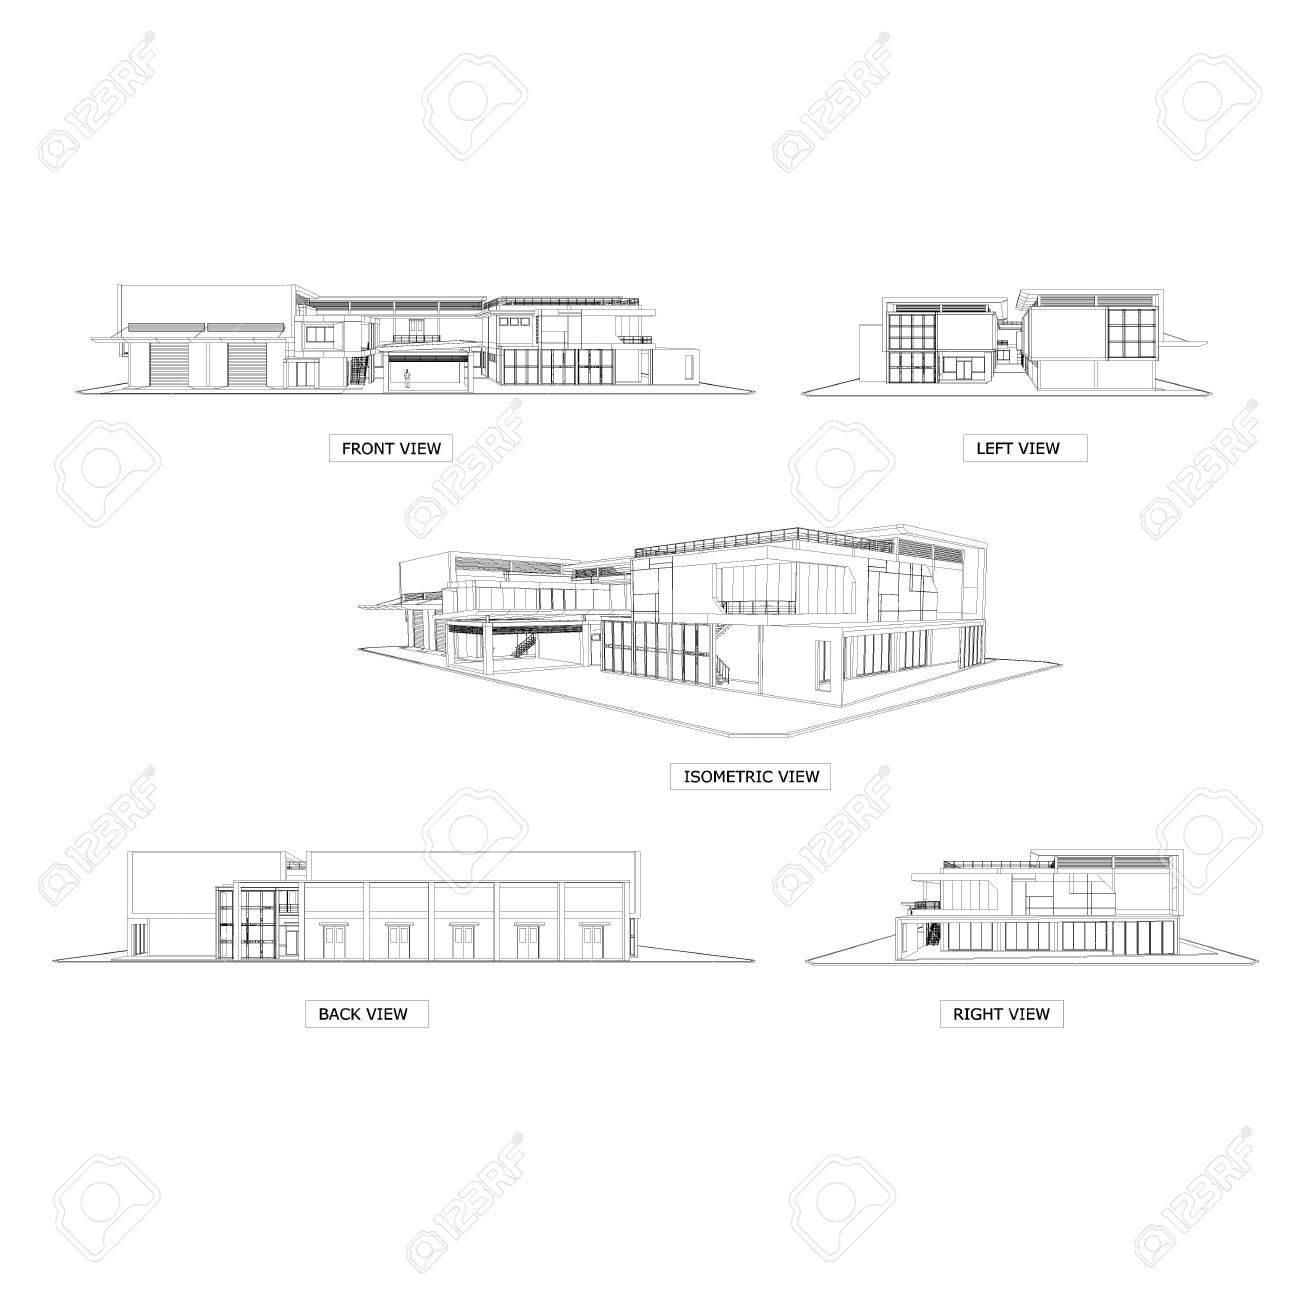 3D Skizze Zeichnung Des Gebaudes Architektur Elevation Und Isometrie Standard Bild